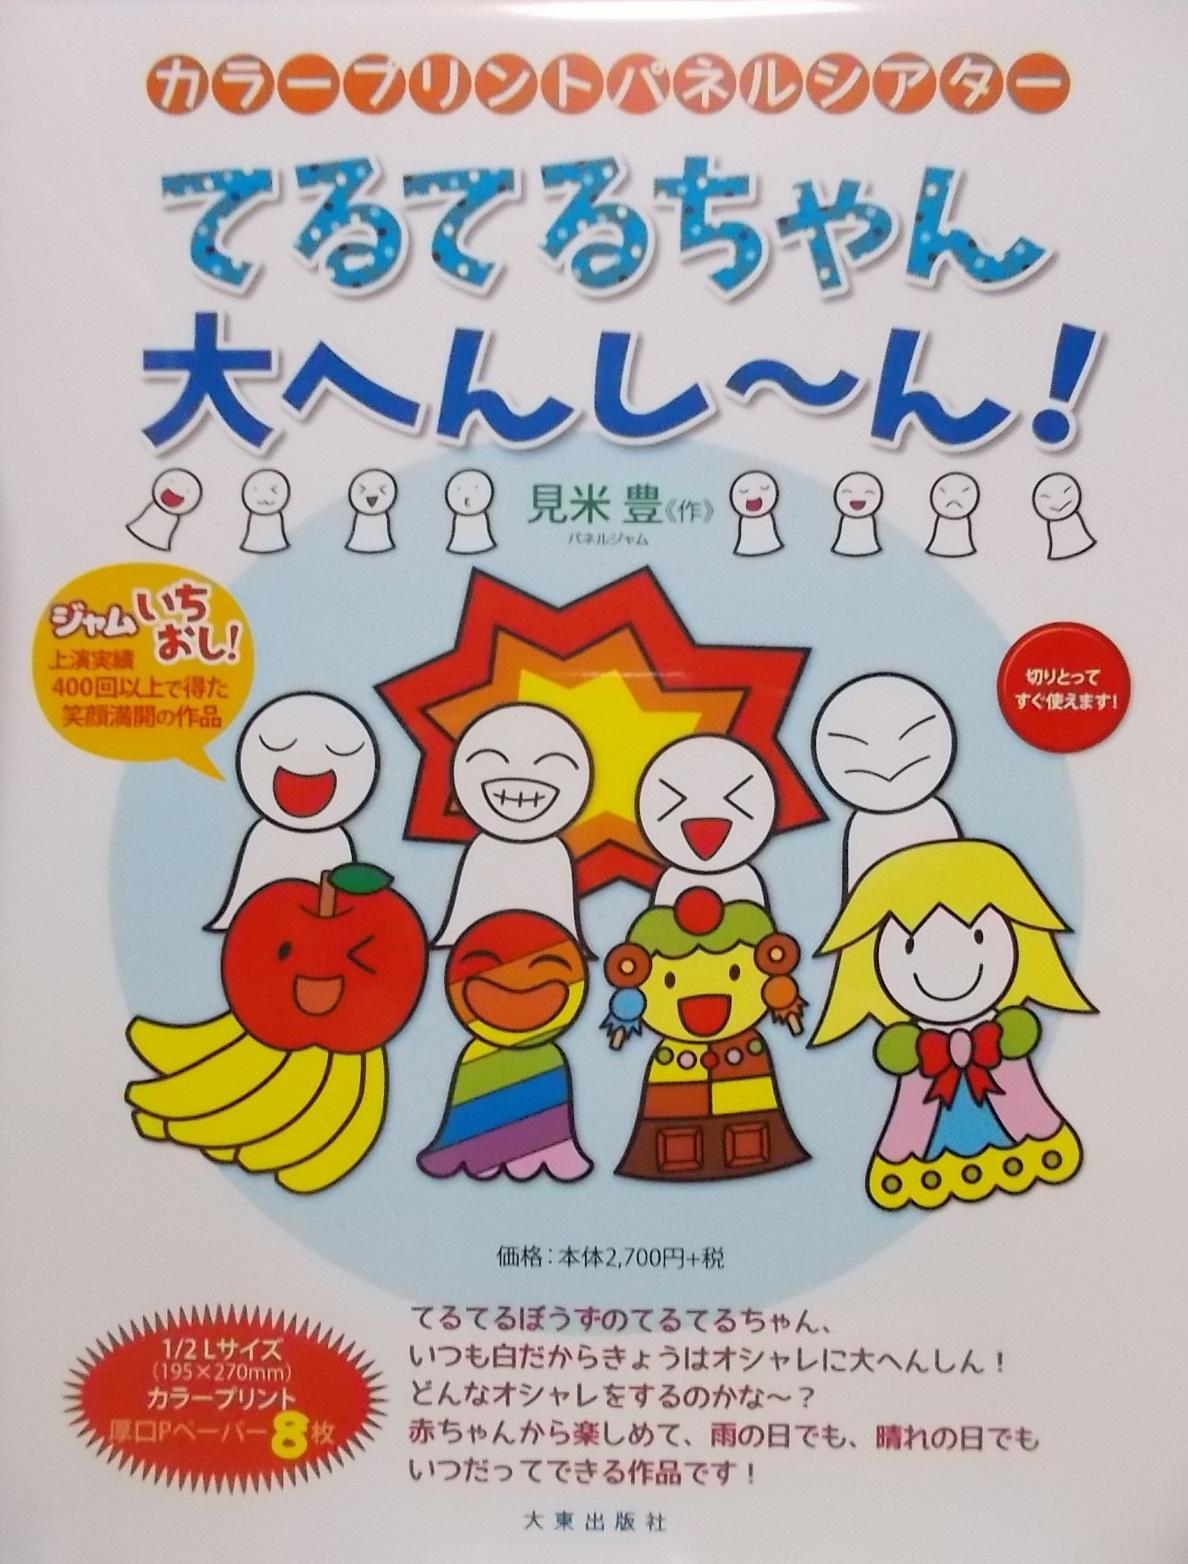 DSCN8746 - コピー